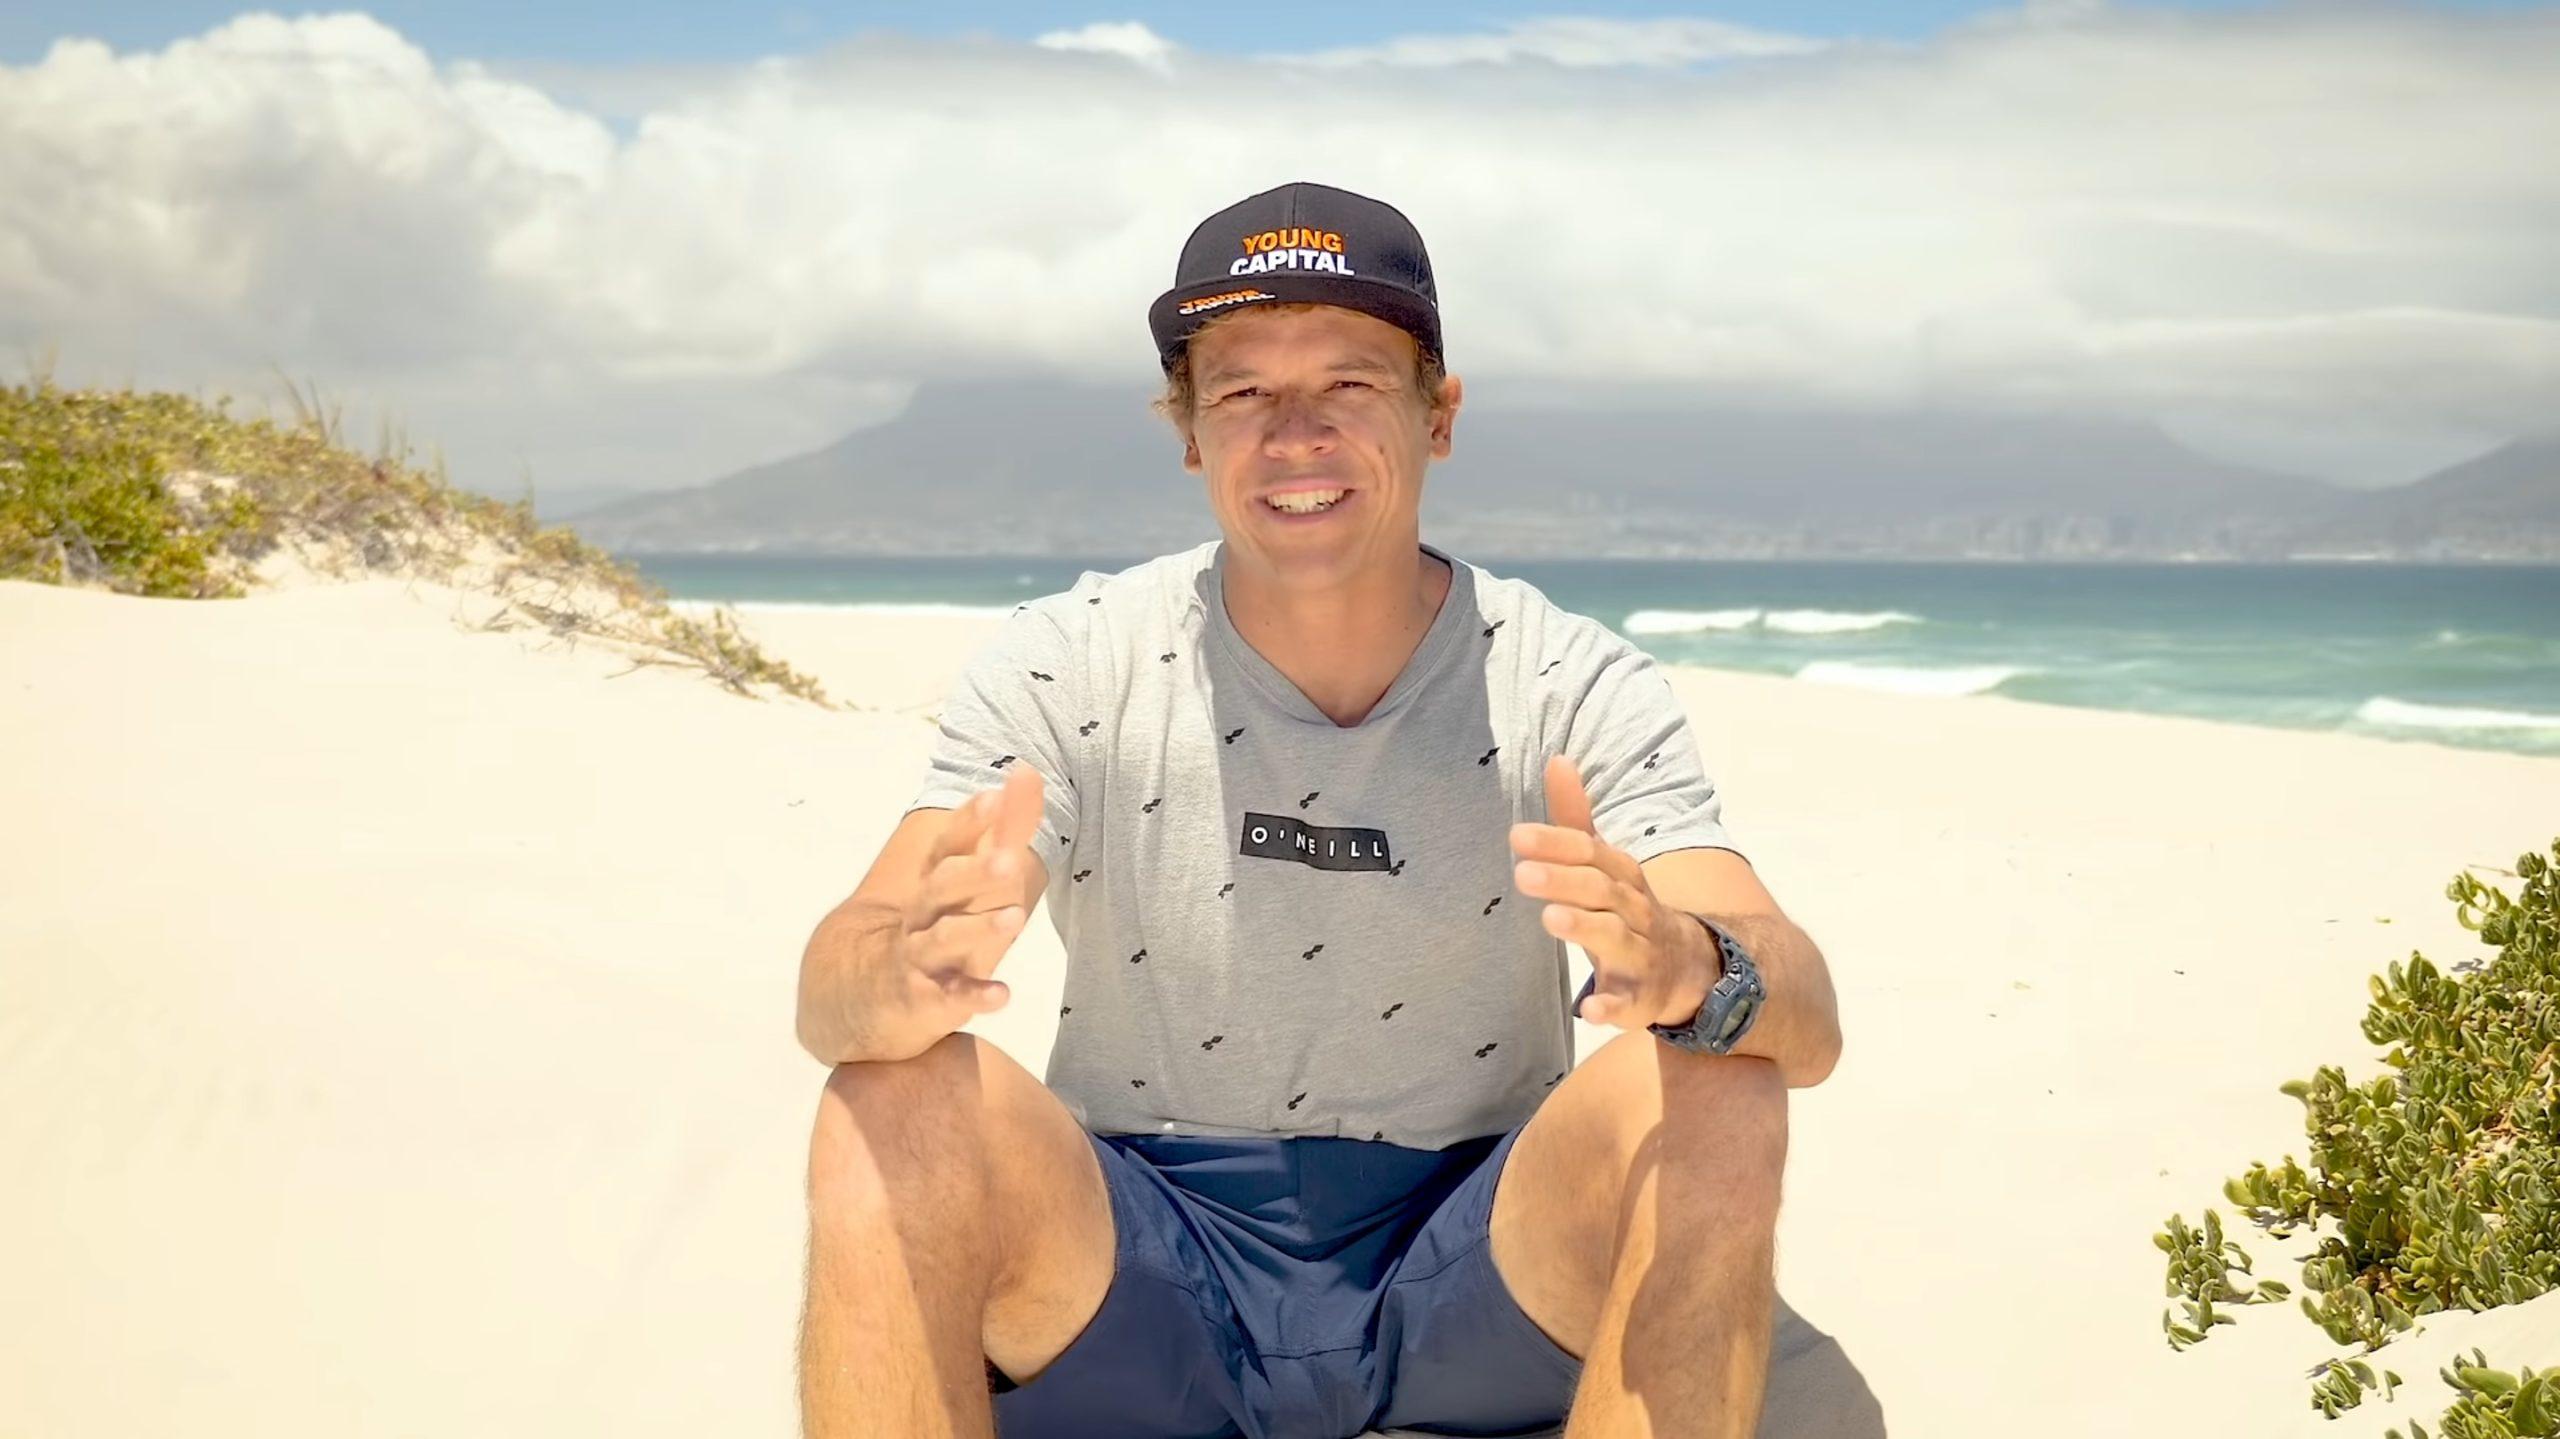 2020 nagy újdonsága: Kevin Langeree otthagyja a Naish-t